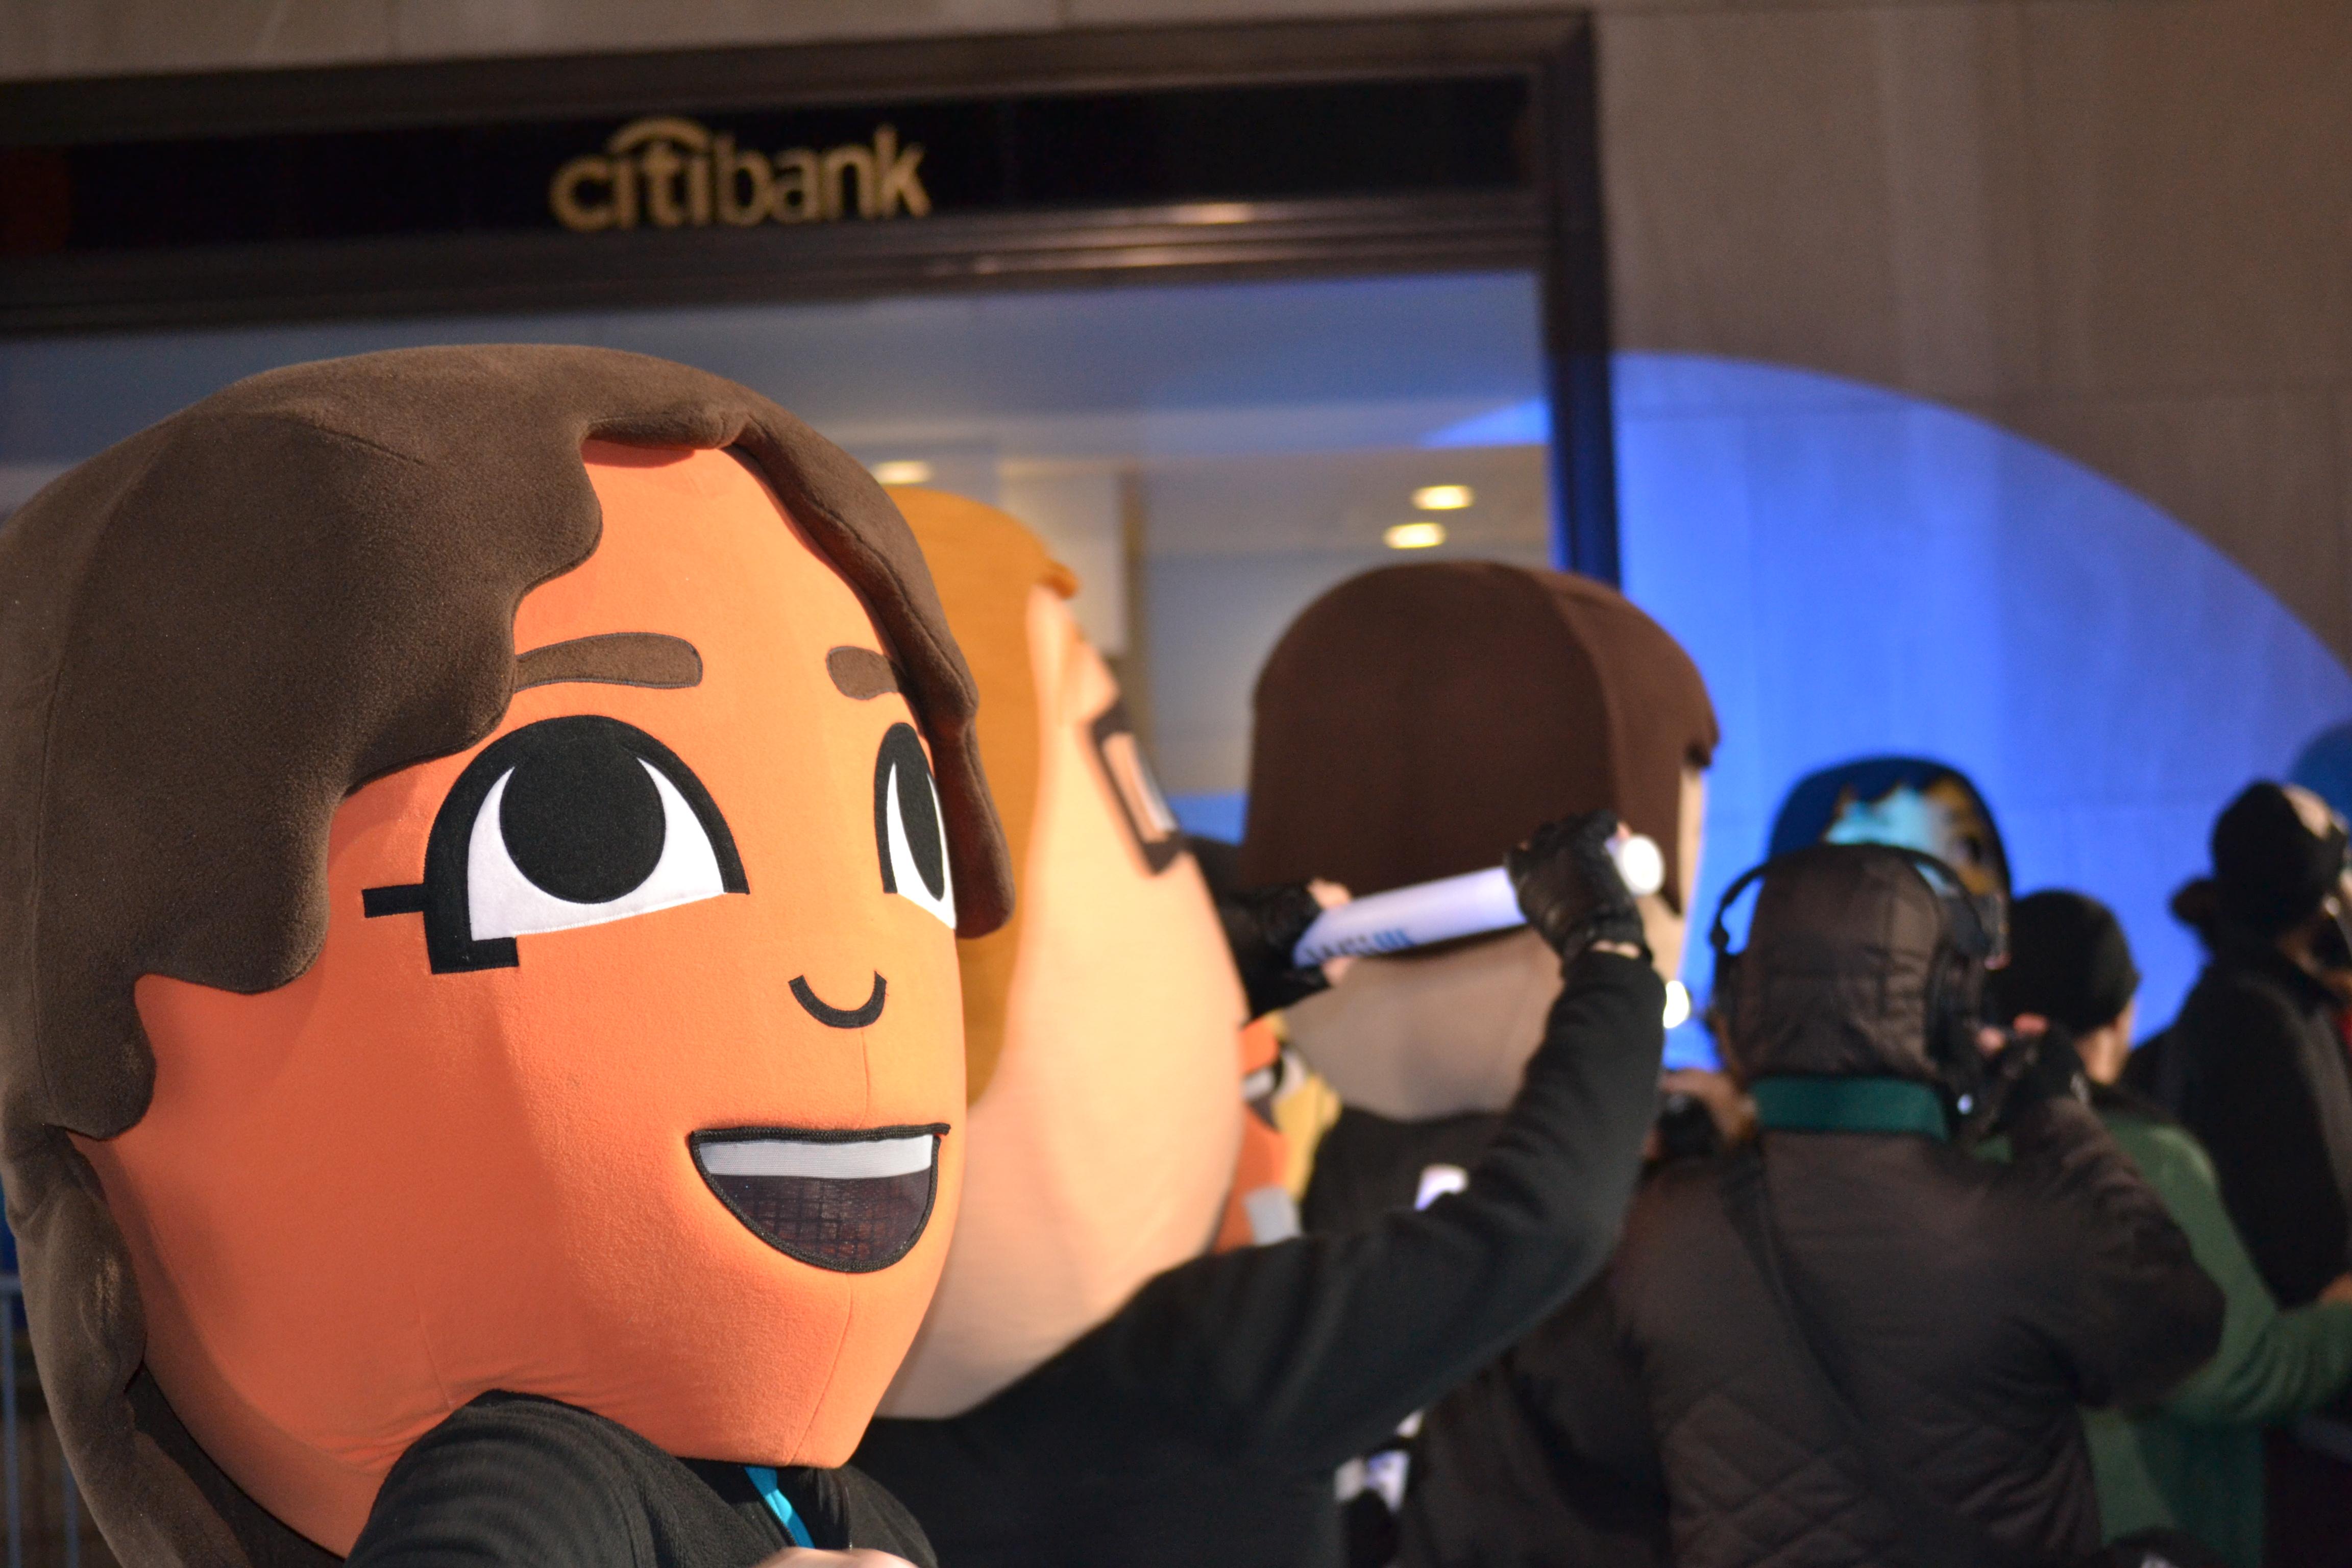 Los Miis no podían faltar en el evento de lanzamiento del año y estos divertidos seres mostraron las nuevas características de la consola de Nintendo a los asistentes.